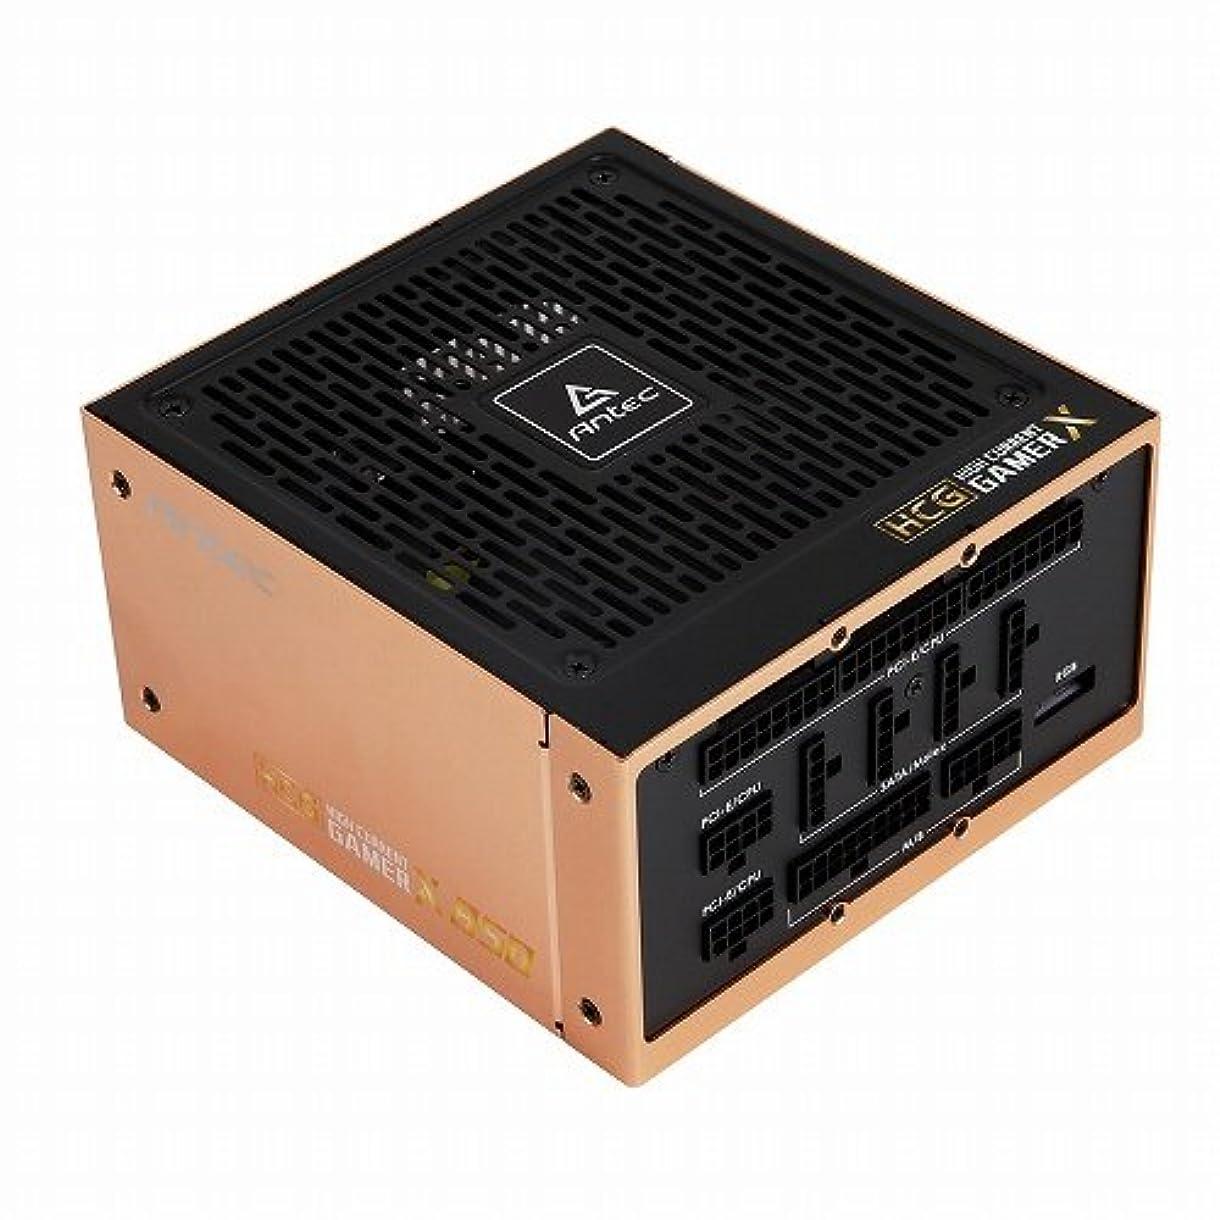 ハンバーガー派生するプロテスタント【HCG850 EXTREME】80PLUS GOLD認証取得 高効率ハイエンド電源ユニット